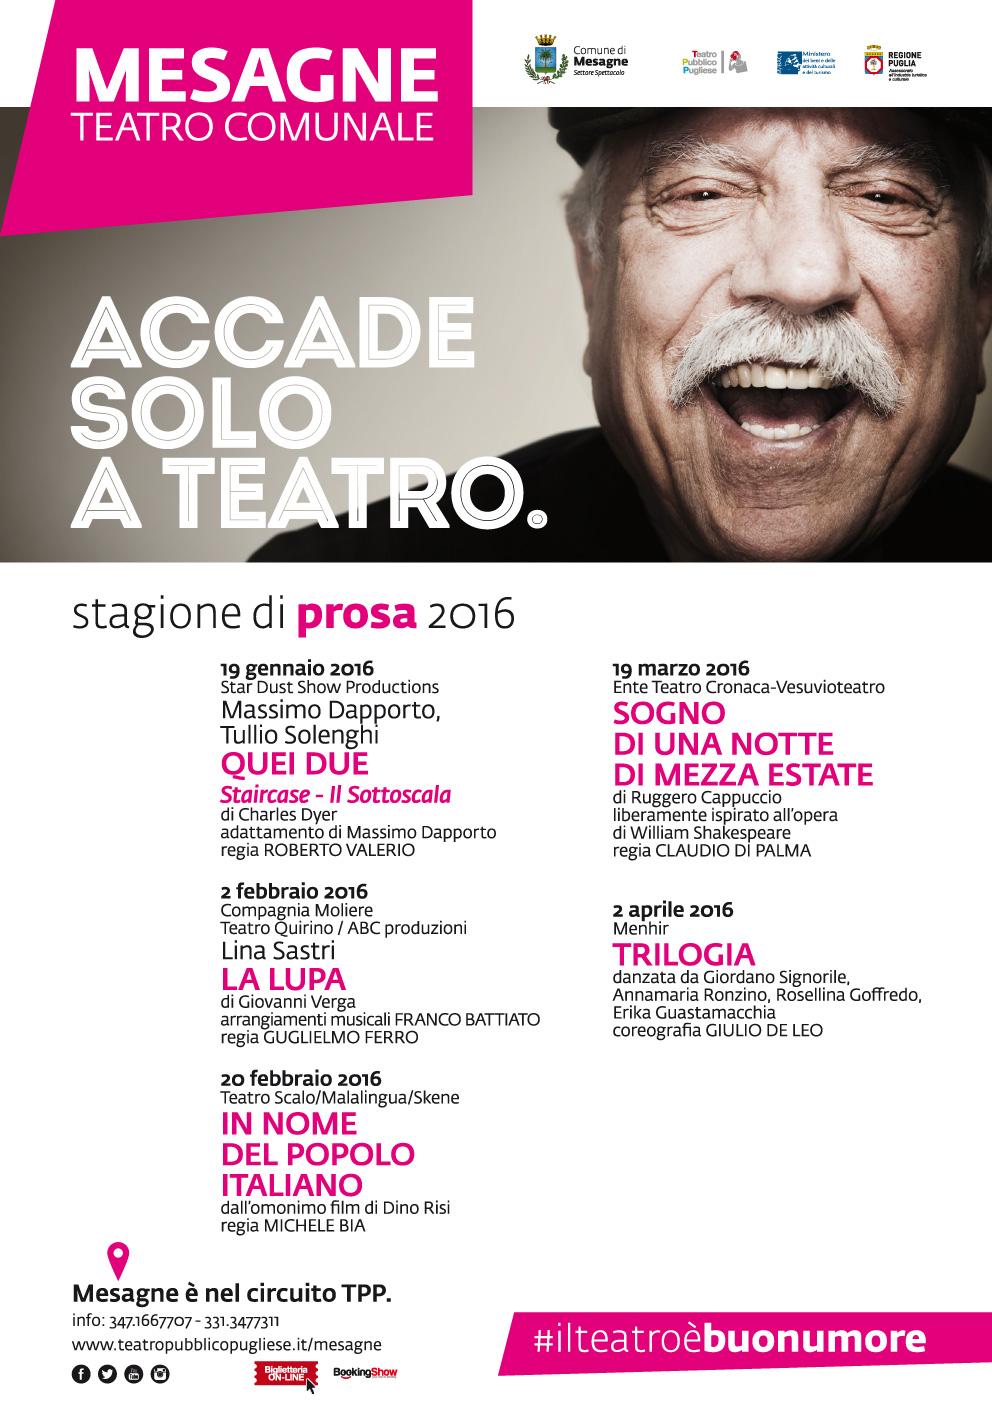 Massimo Dapporto e Tullio Solenghi aprono il cartellone di prosa al Comunale